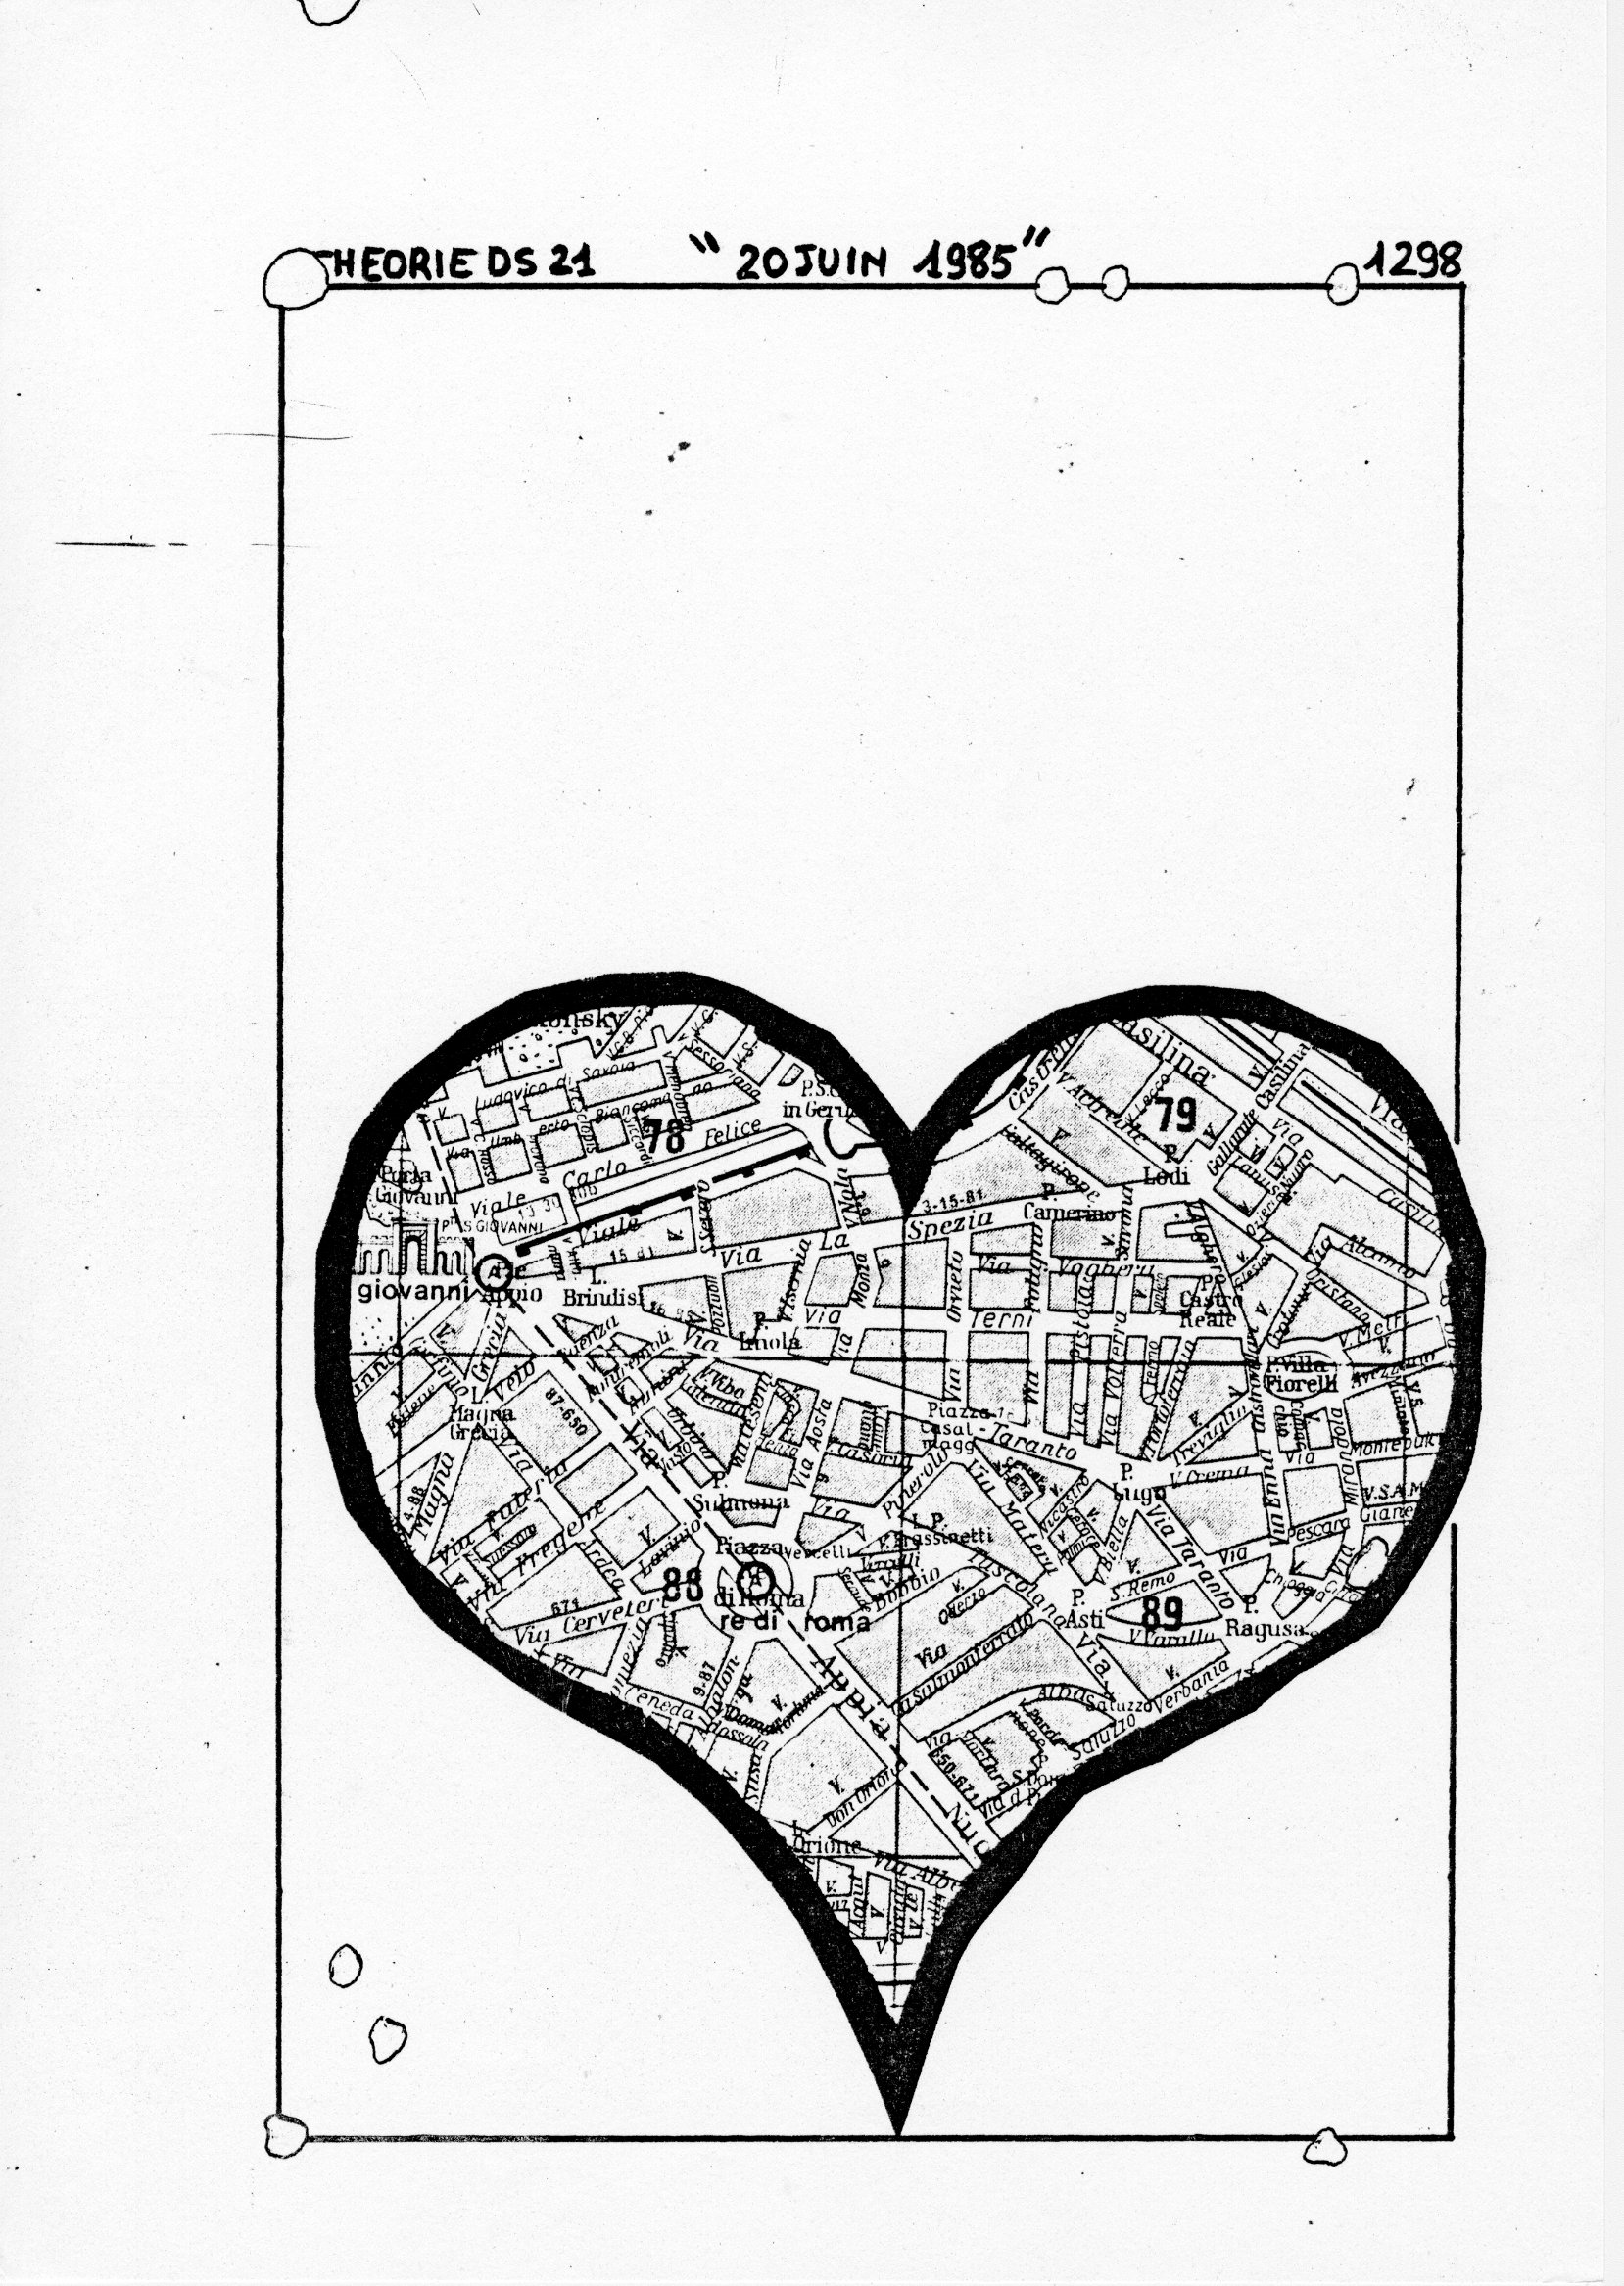 page 1298 Théorie D.S. 21 20 JUIN 1985